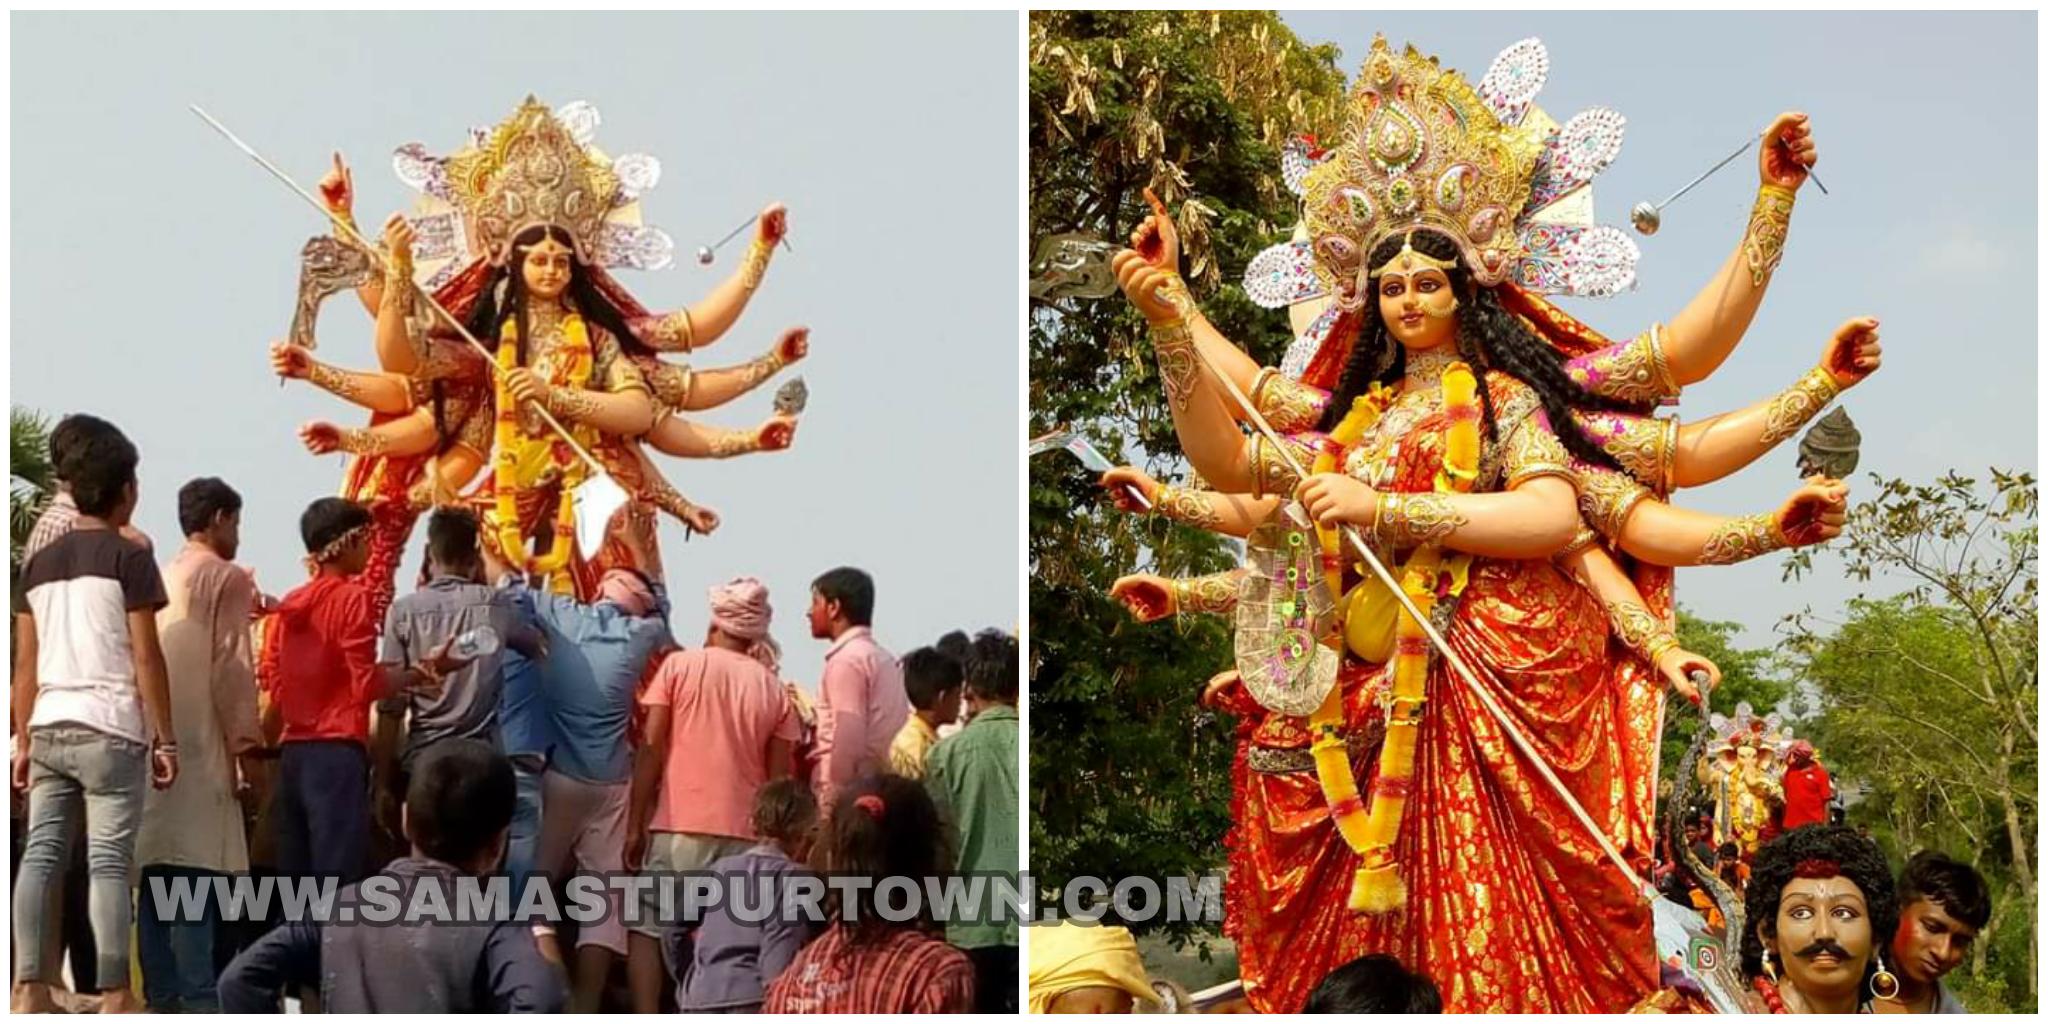 भक्तों के अश्रुधार के बीच हुई माता की भव्य विदाई समस्तीपुर Town